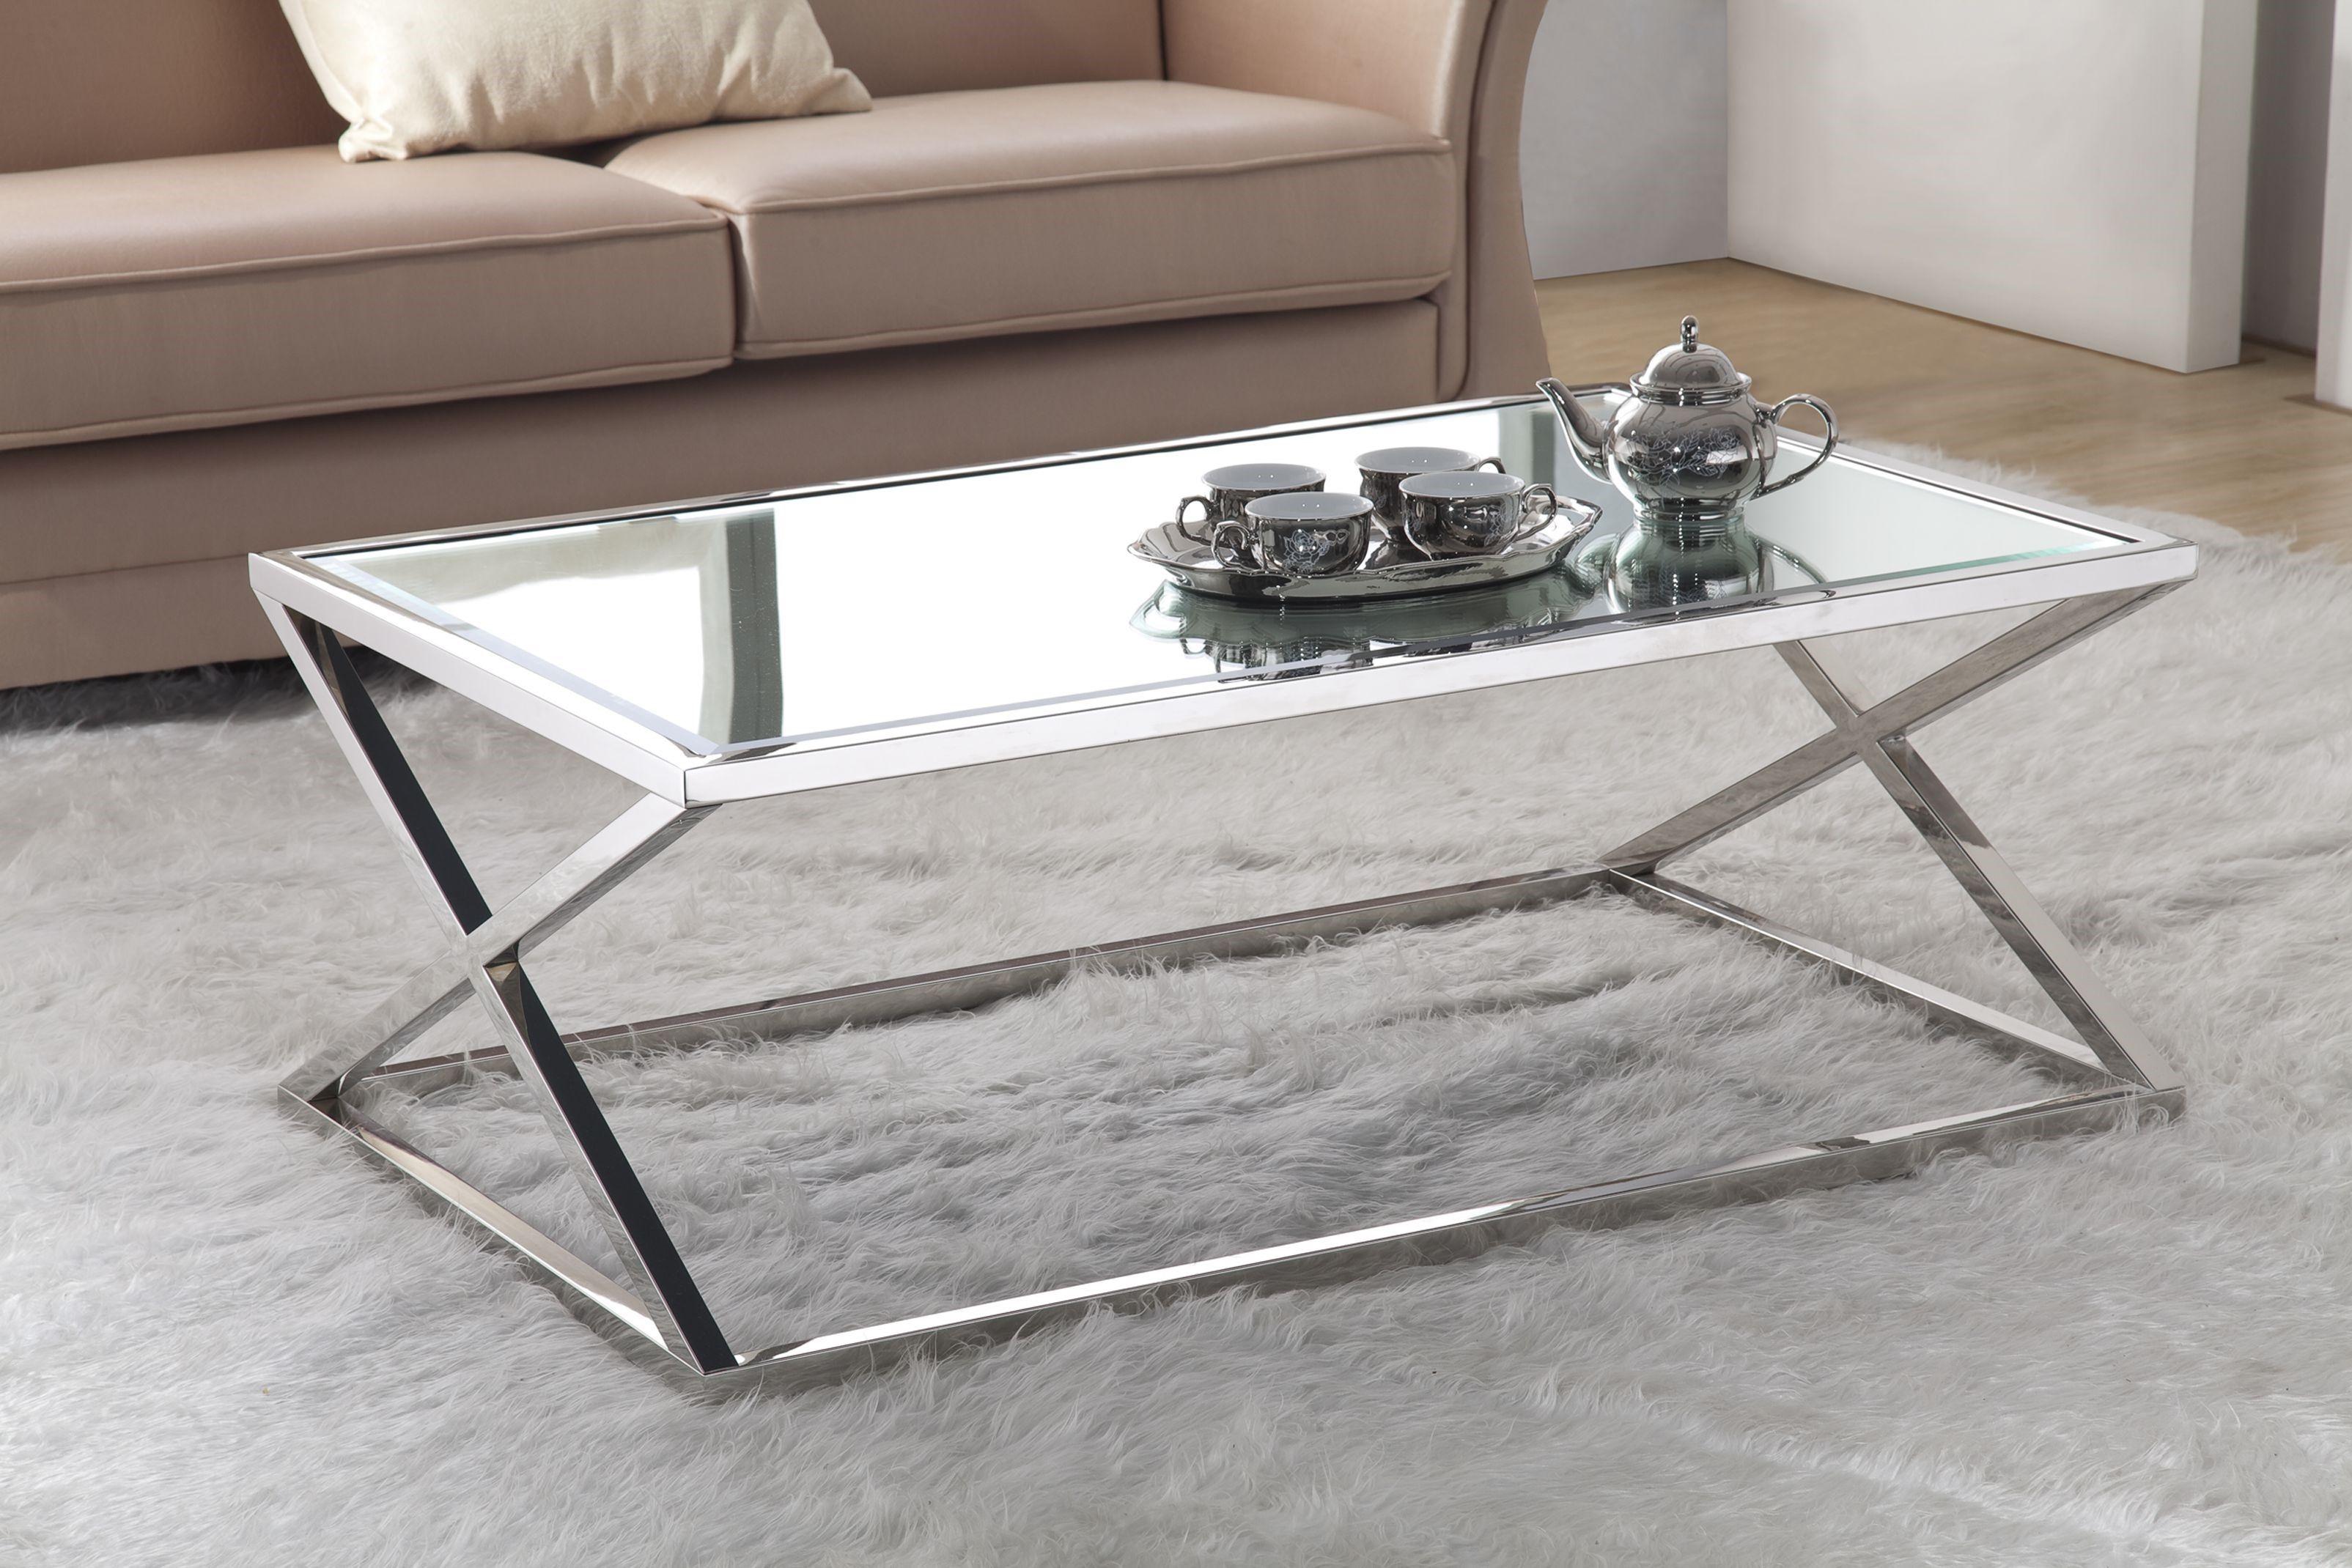 Attractive Silver Coffee Table Decorations Mesa De Acero Inoxidable Muebles De Acero Inoxidable Muebles De Metal